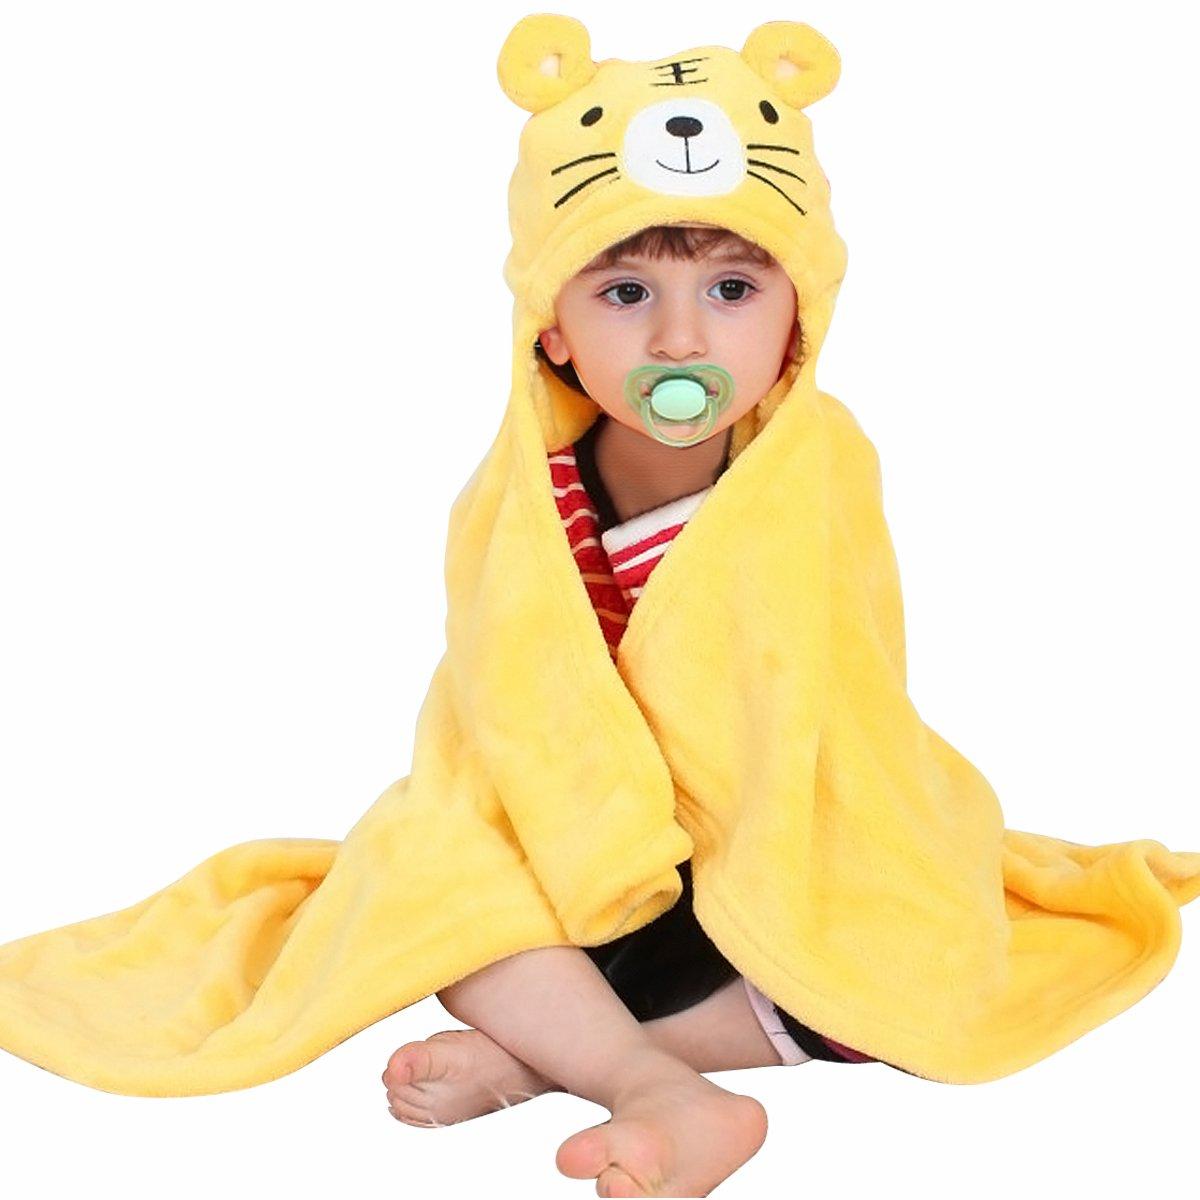 Mture Accappatoio neonato, Asciugamano per Bambini Animal Asciugamano da Bagno Doccia dei Neonati e Piccini con Cappuccio poncho caldo e morbido, Perfetto per la Doccia dei Bambini - rosa 628YJ01rr